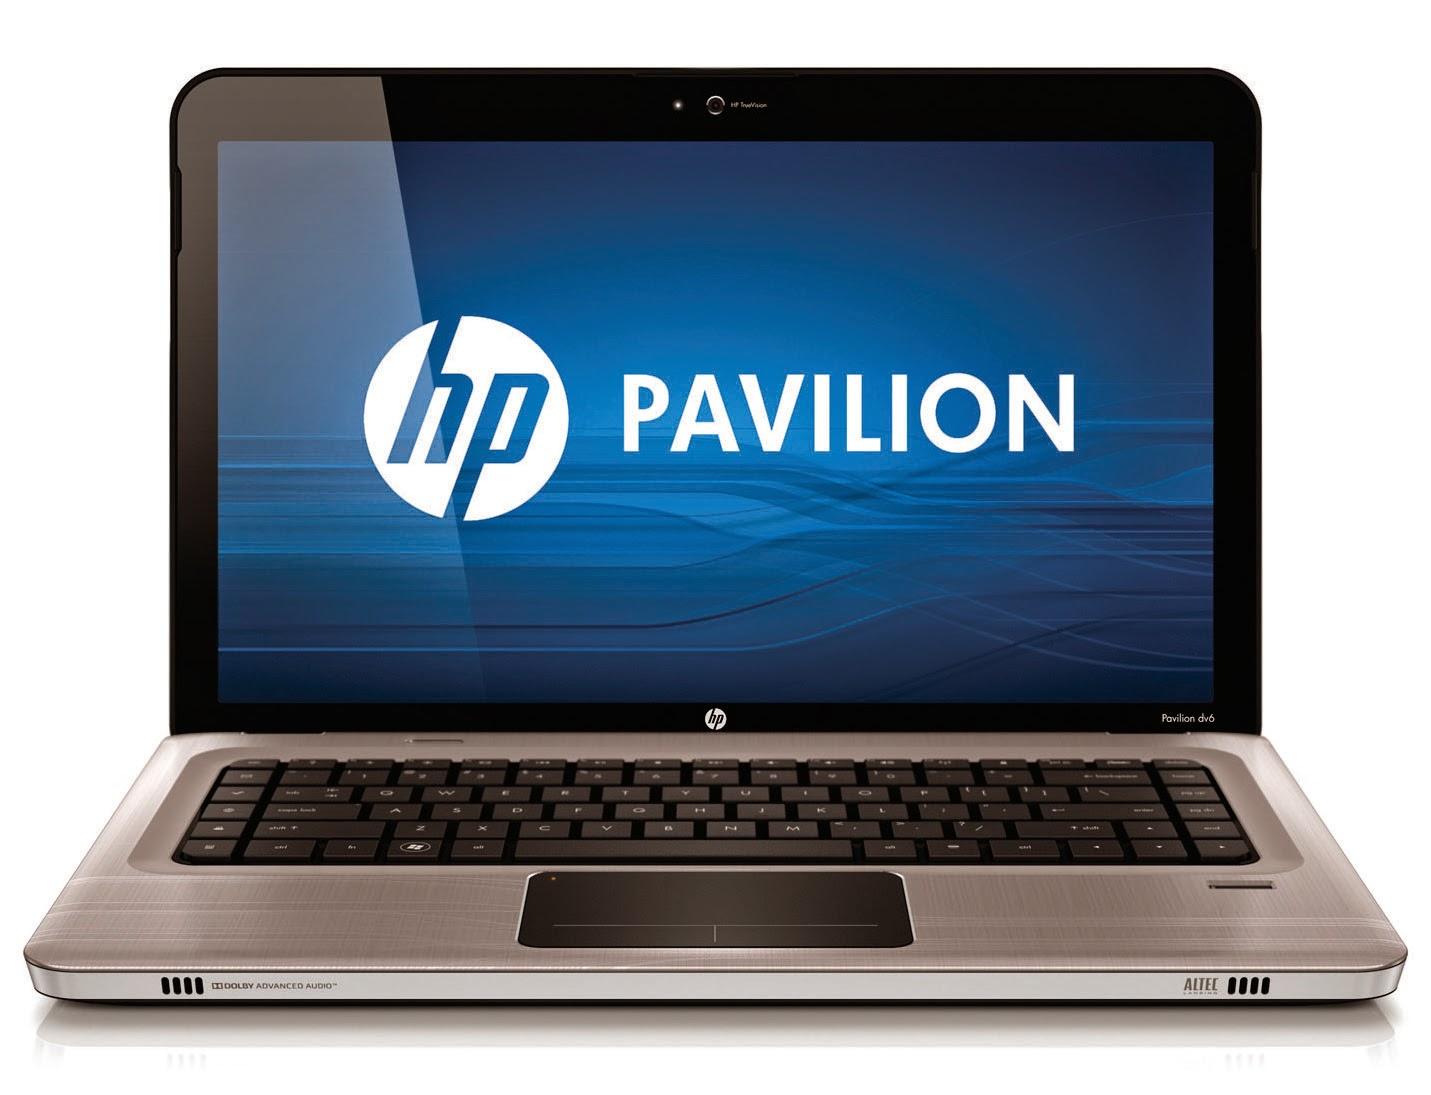 Harga Laptop Termurah 2013 Jual Laptop Terbaik Harga Termurah Lazadacoid Wallpapers Best 5 Of Daftar Harga Laptop Hp Apr 2016 Nfl Wallpapers